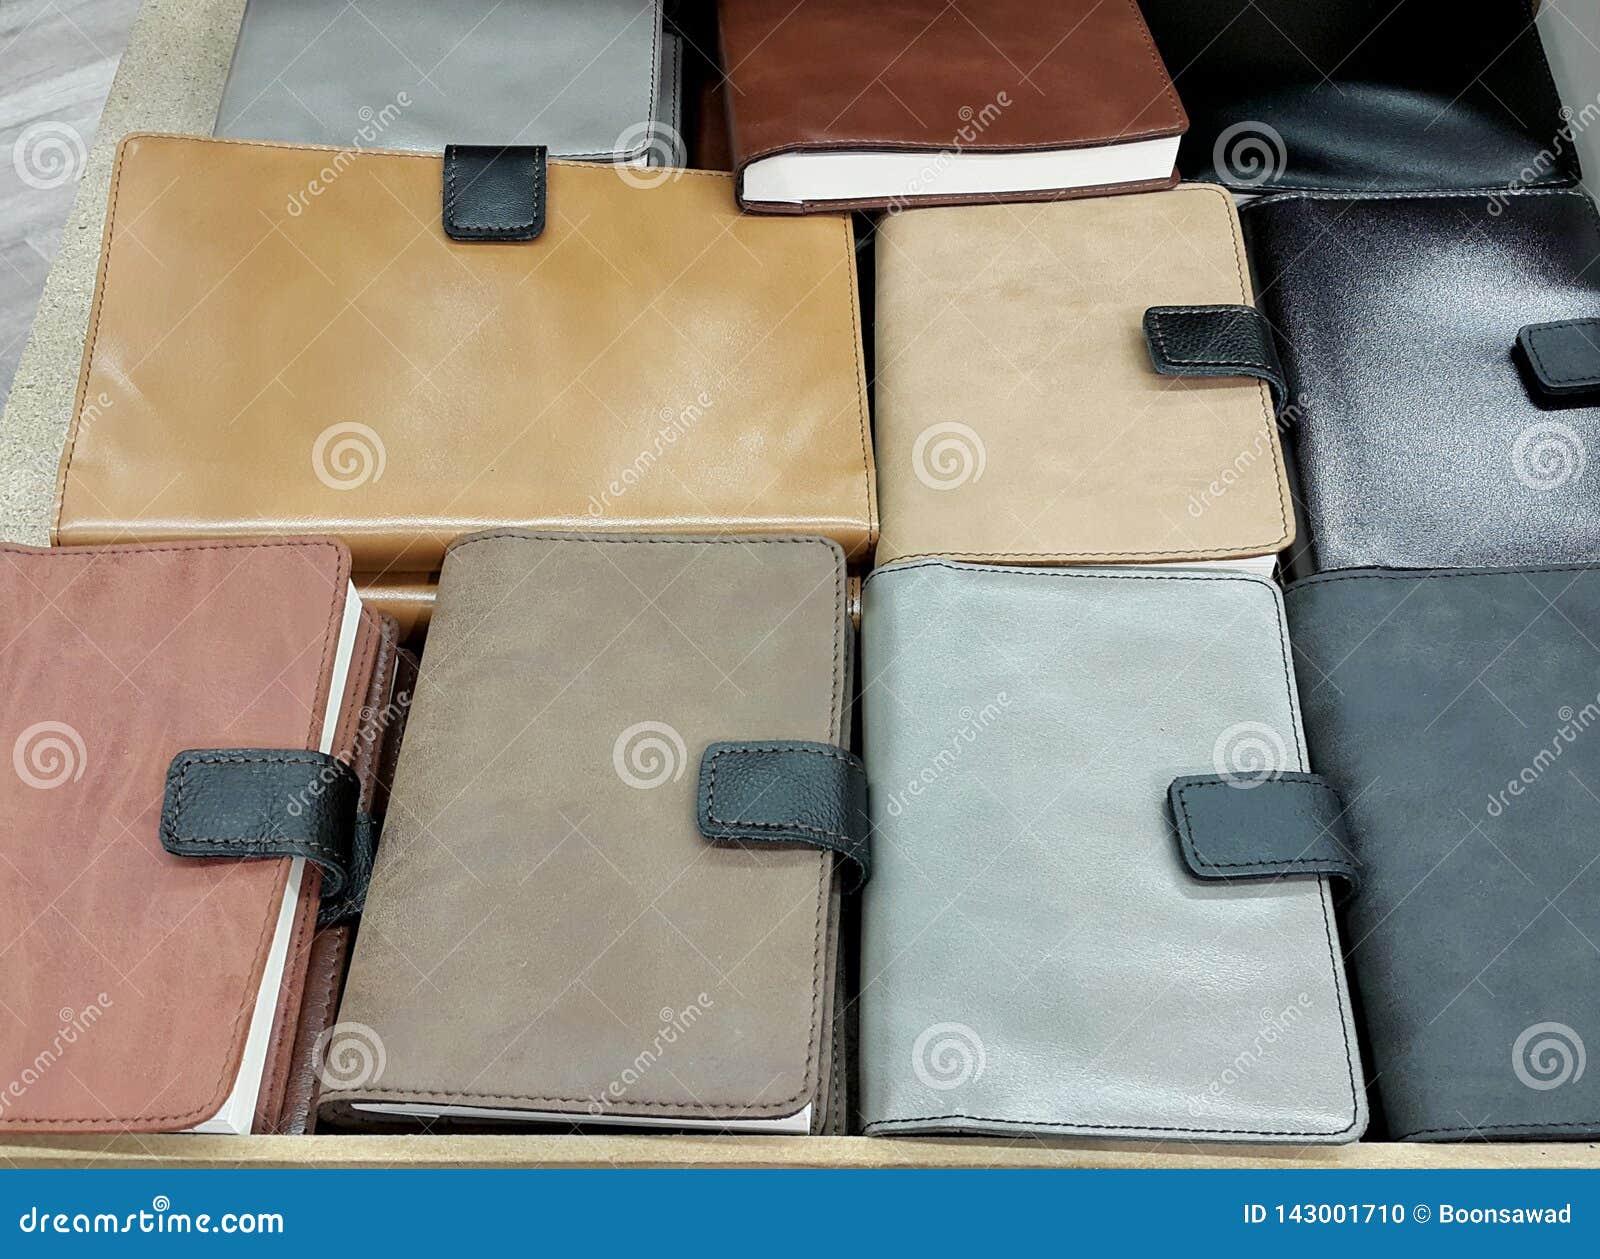 Σημειωματάρια κάλυψης δέρματος στο υπόβαθρο ραφιών